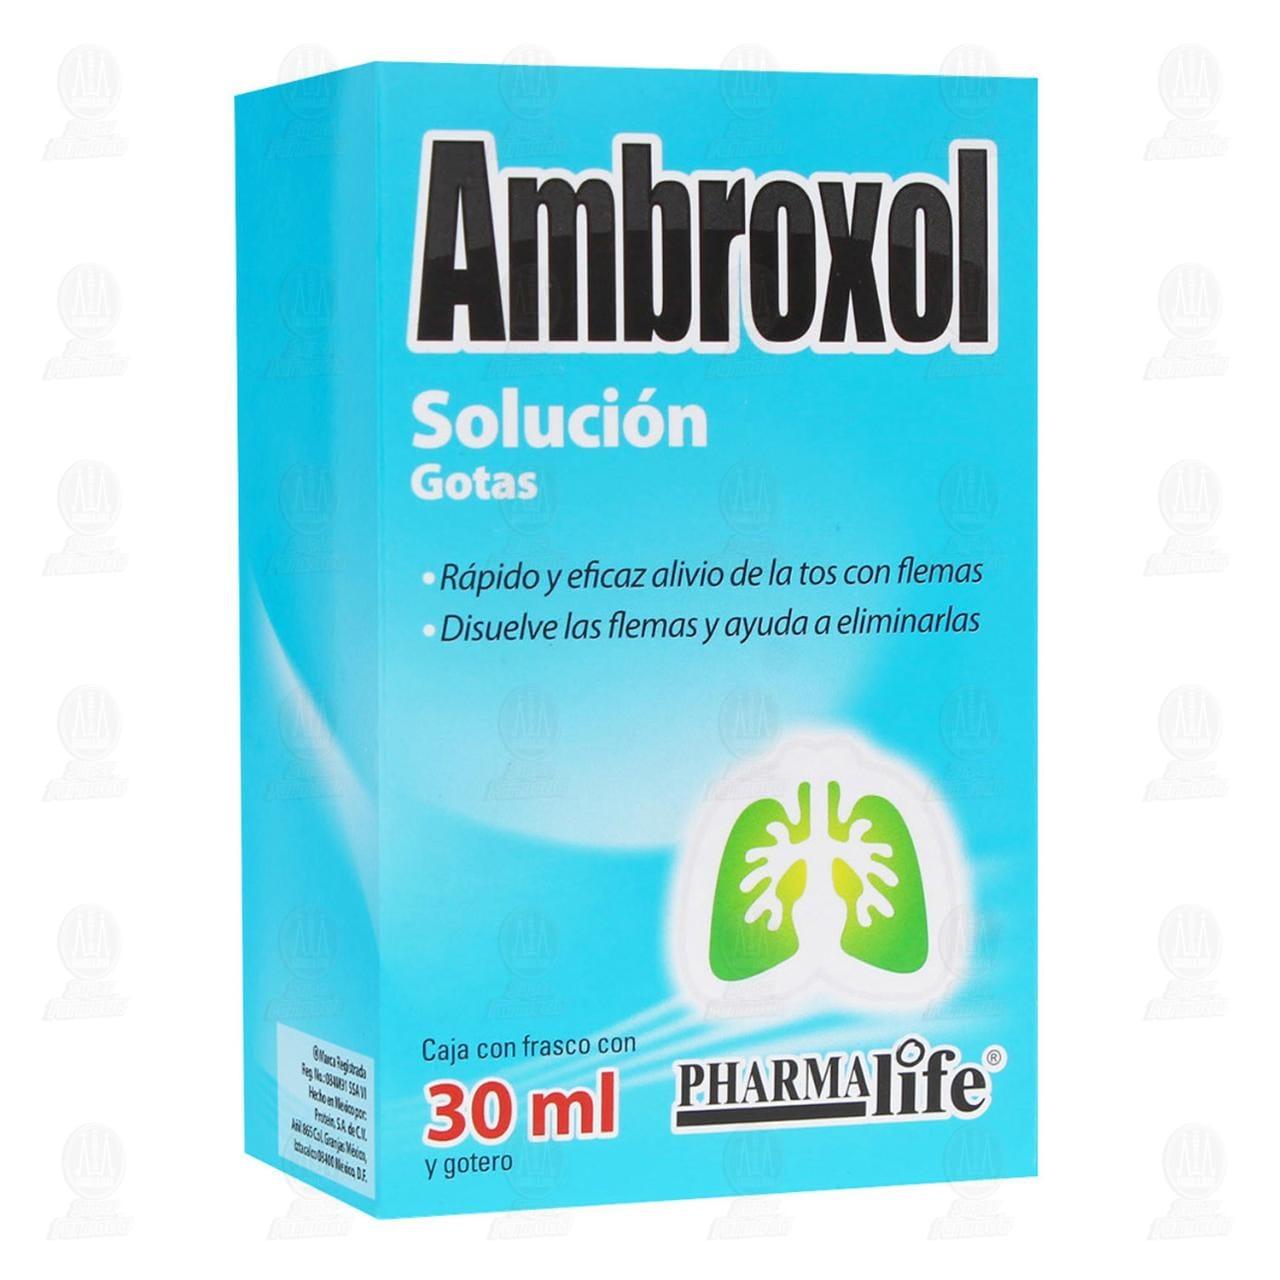 Comprar Ambroxol Solución Gotas 30ml Pharmalife en Farmacias Guadalajara